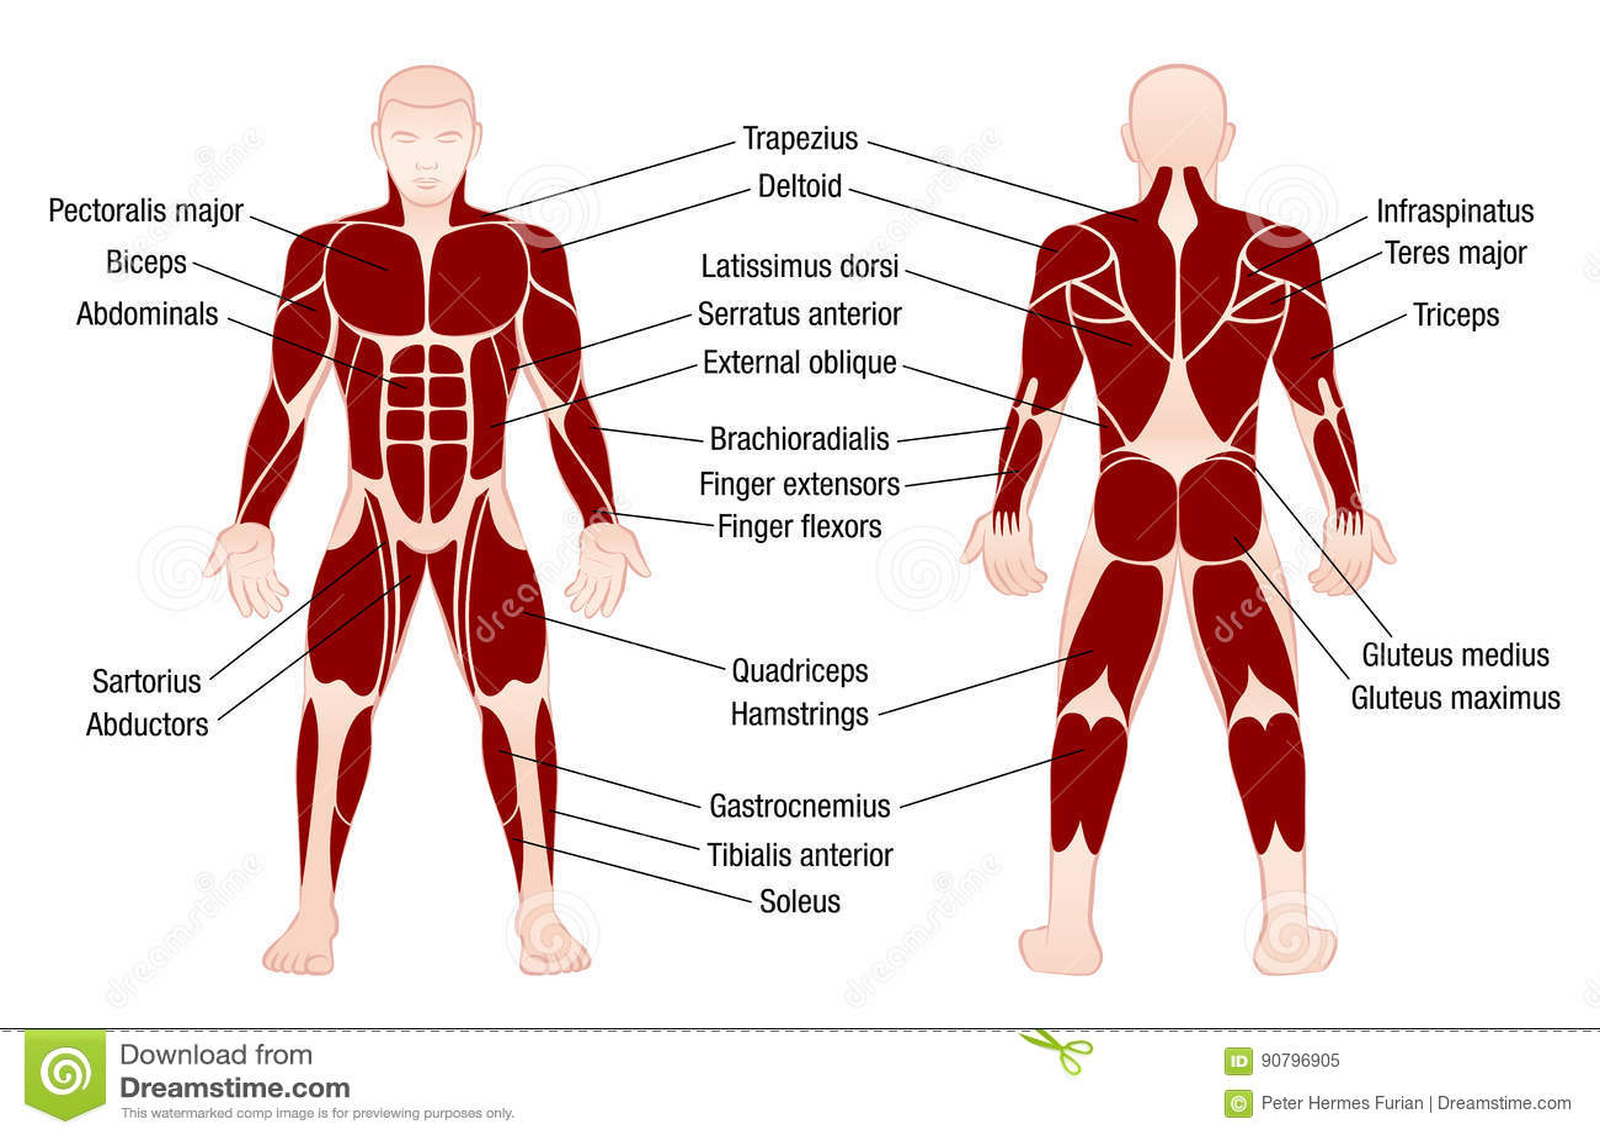 Muscles Chart Description Muscular Body Man Stock Vector